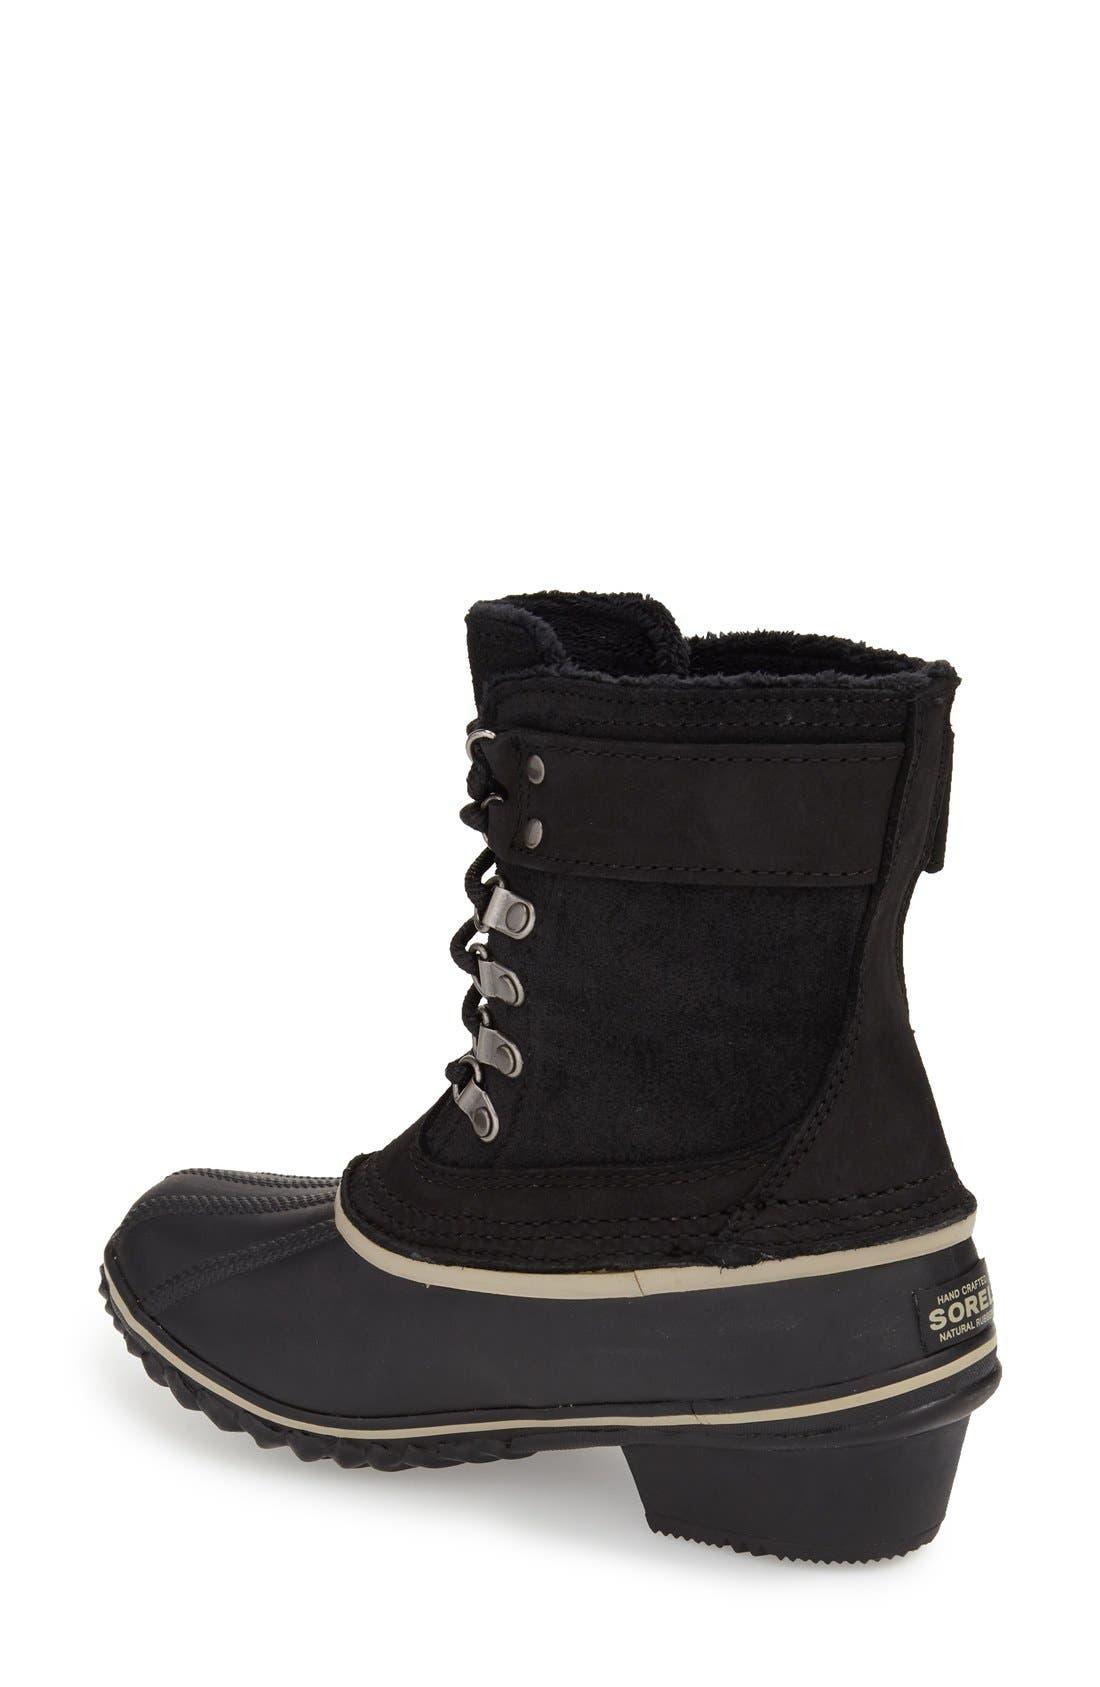 Alternate Image 2  - SOREL 'Winter Fancy II' Waterproof Lace-Up Boot (Women)